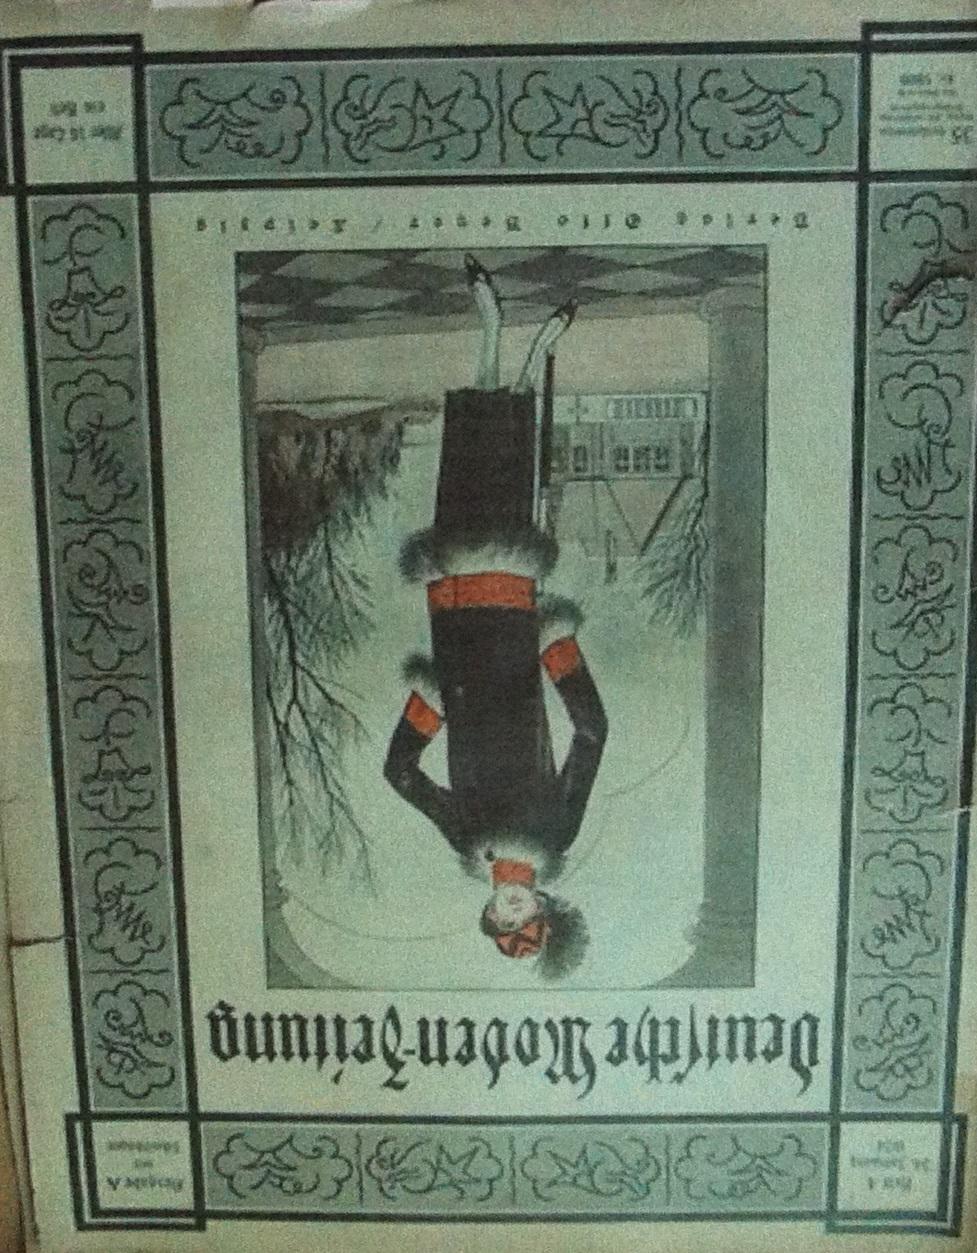 Deutsche Moden-Zeitung No. 4 Vol. 34 1924